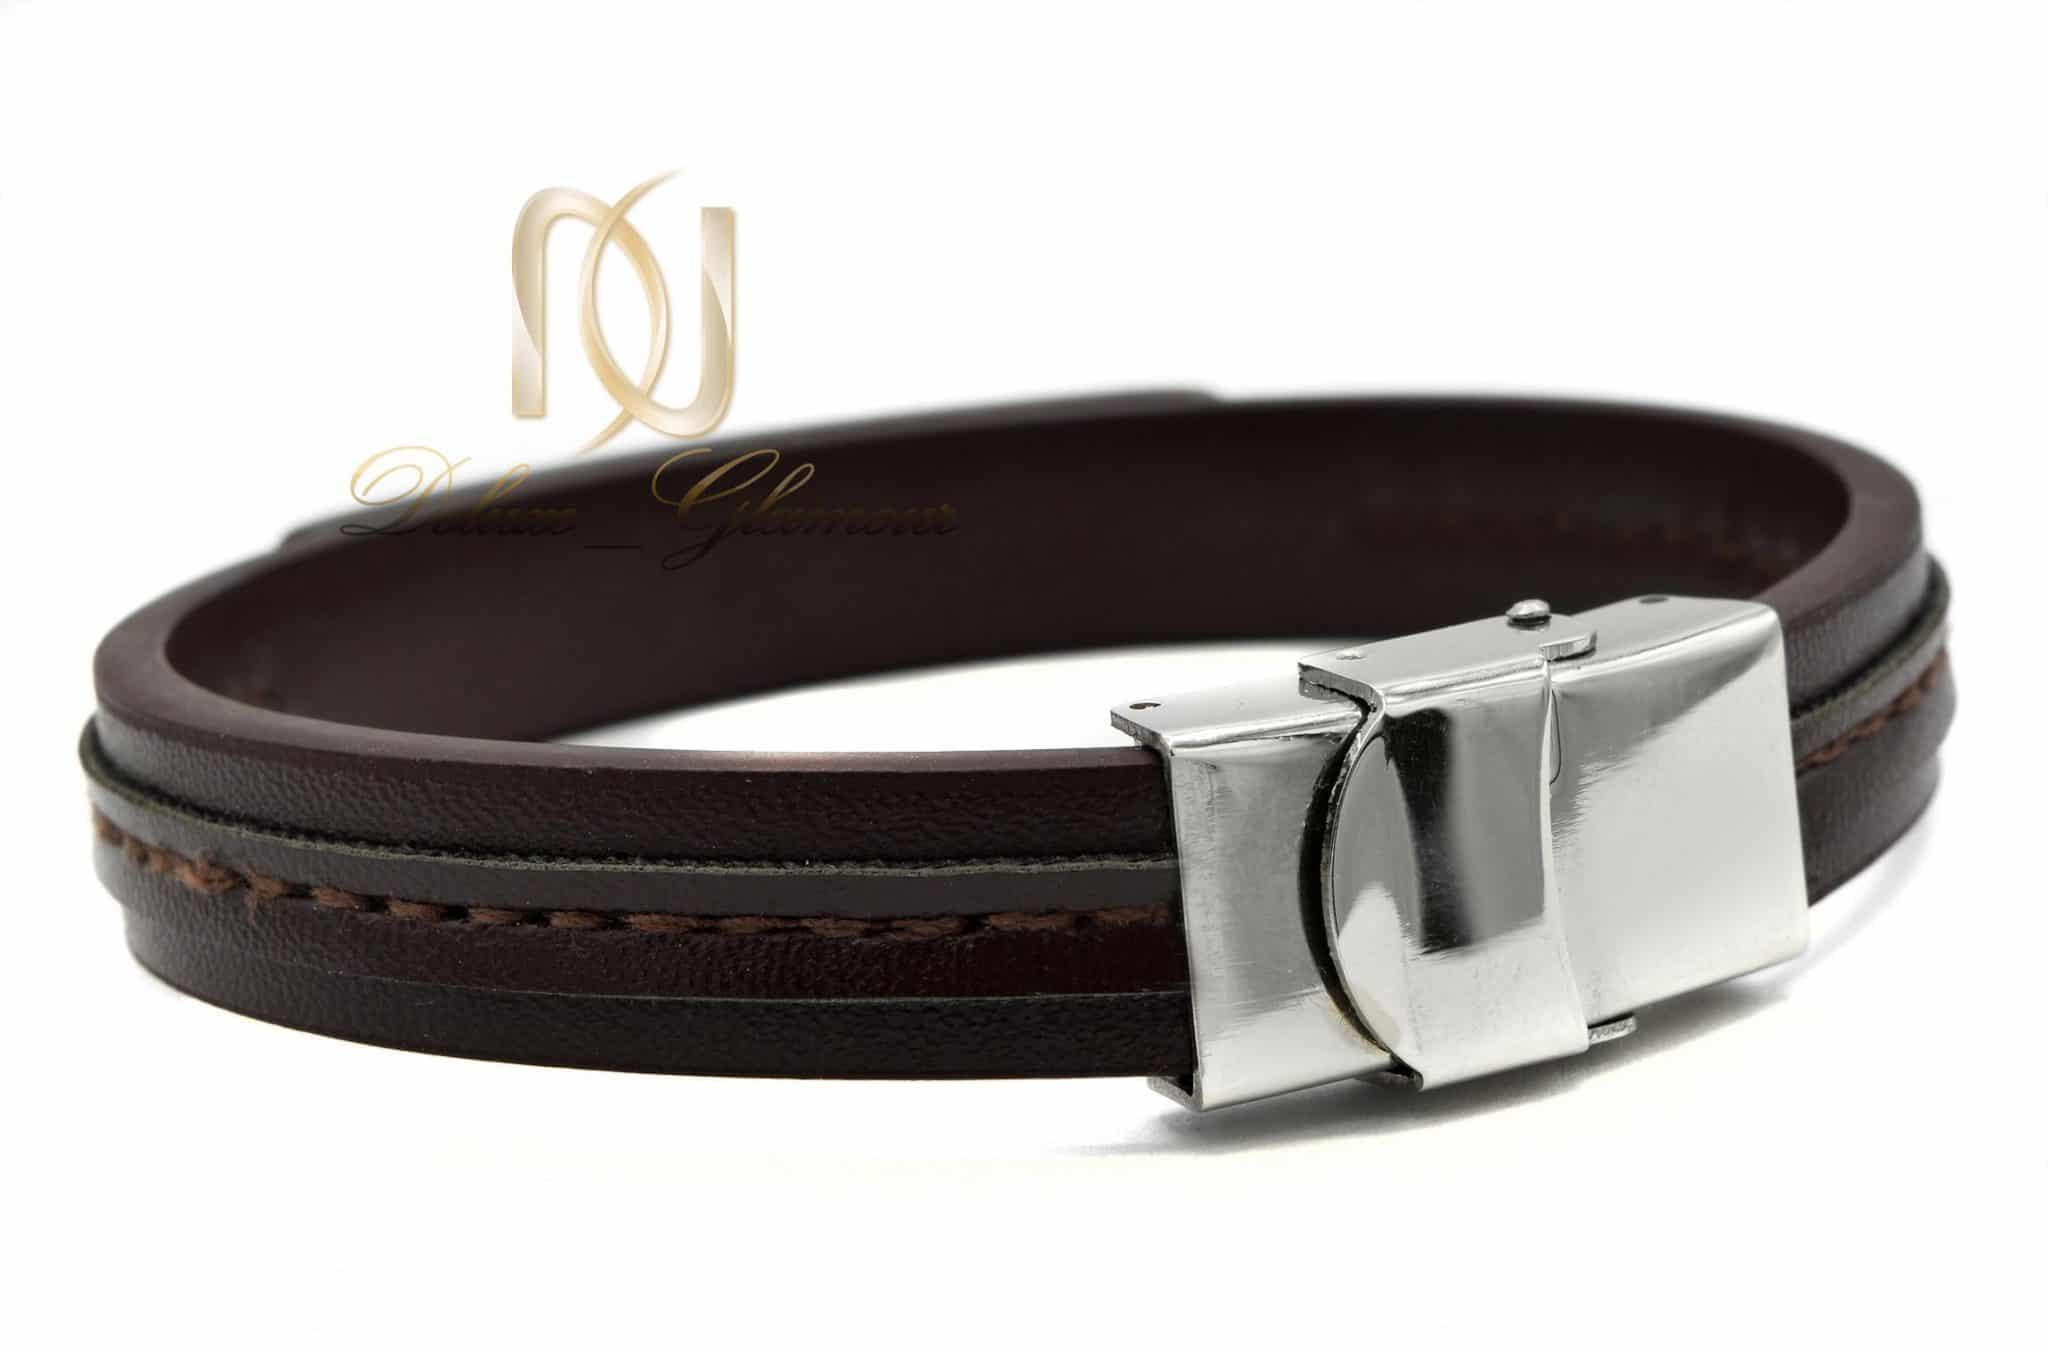 دستبند چرم مردانه طرح گوچی ds-n390 از نمای پشت